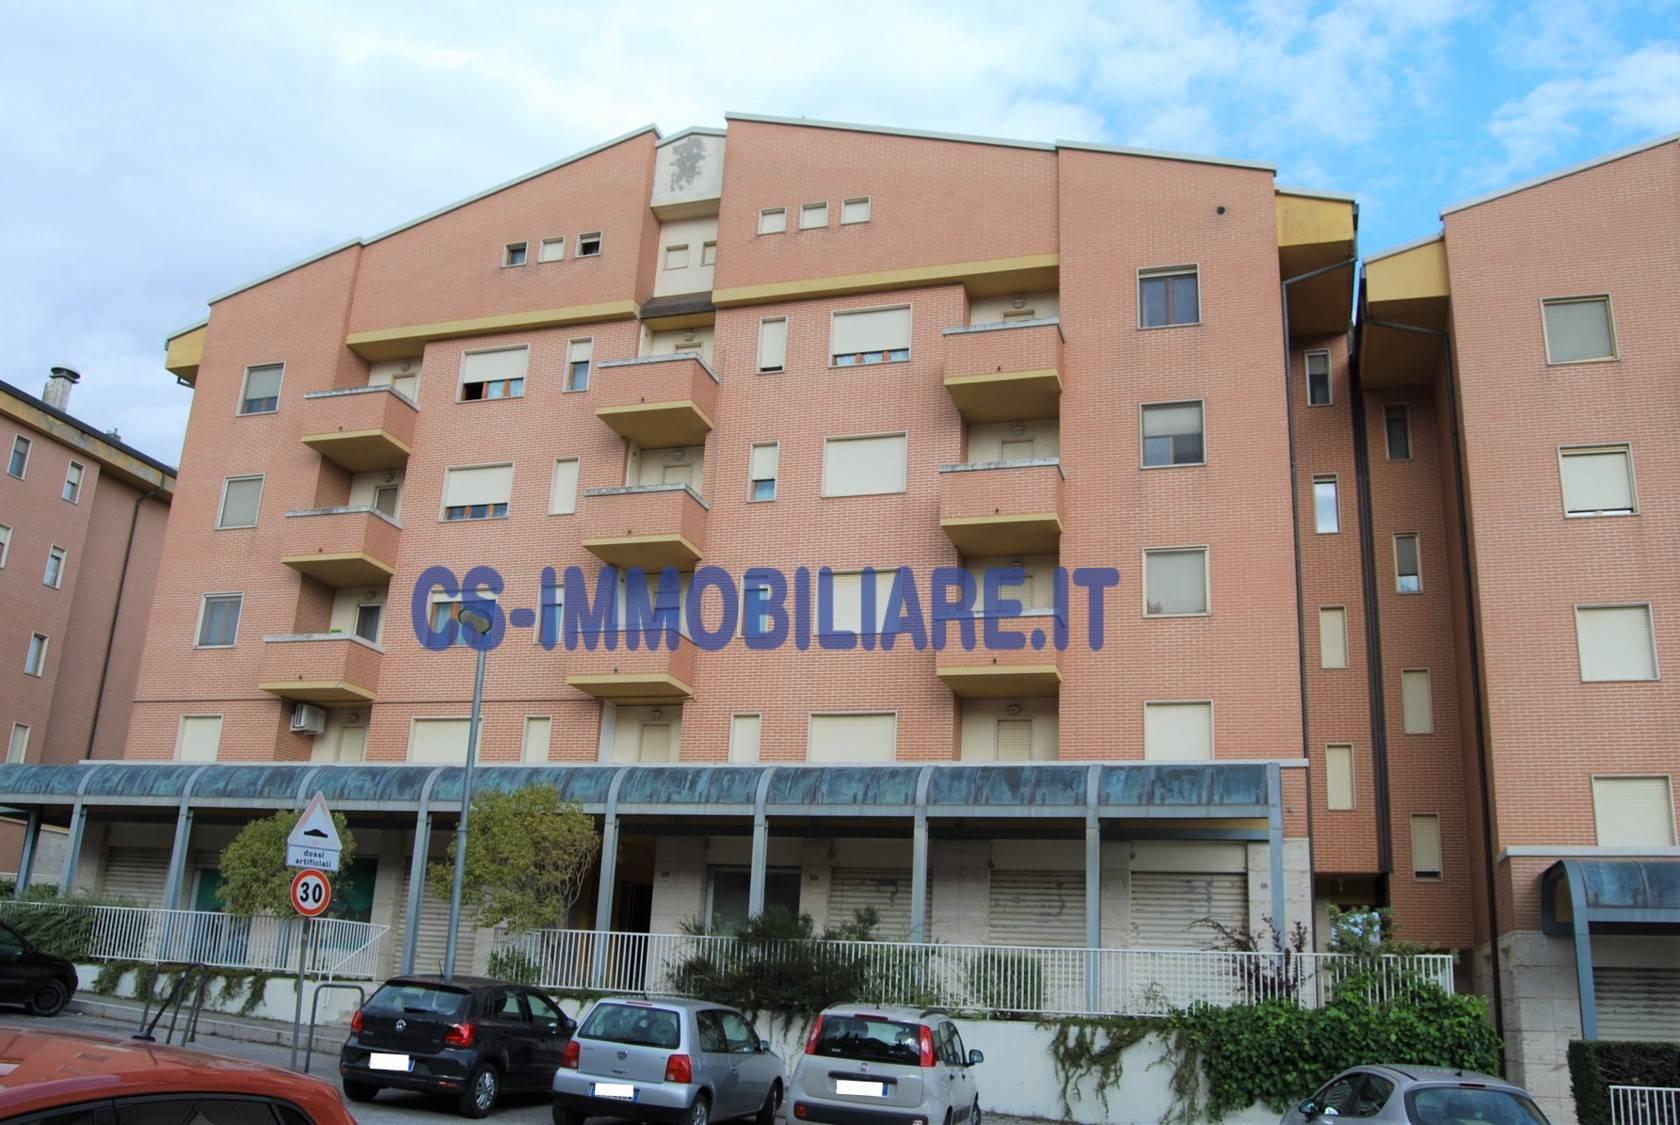 Appartamento in affitto a Potenza, 3 locali, zona Località: ZonaG, prezzo € 430 | CambioCasa.it